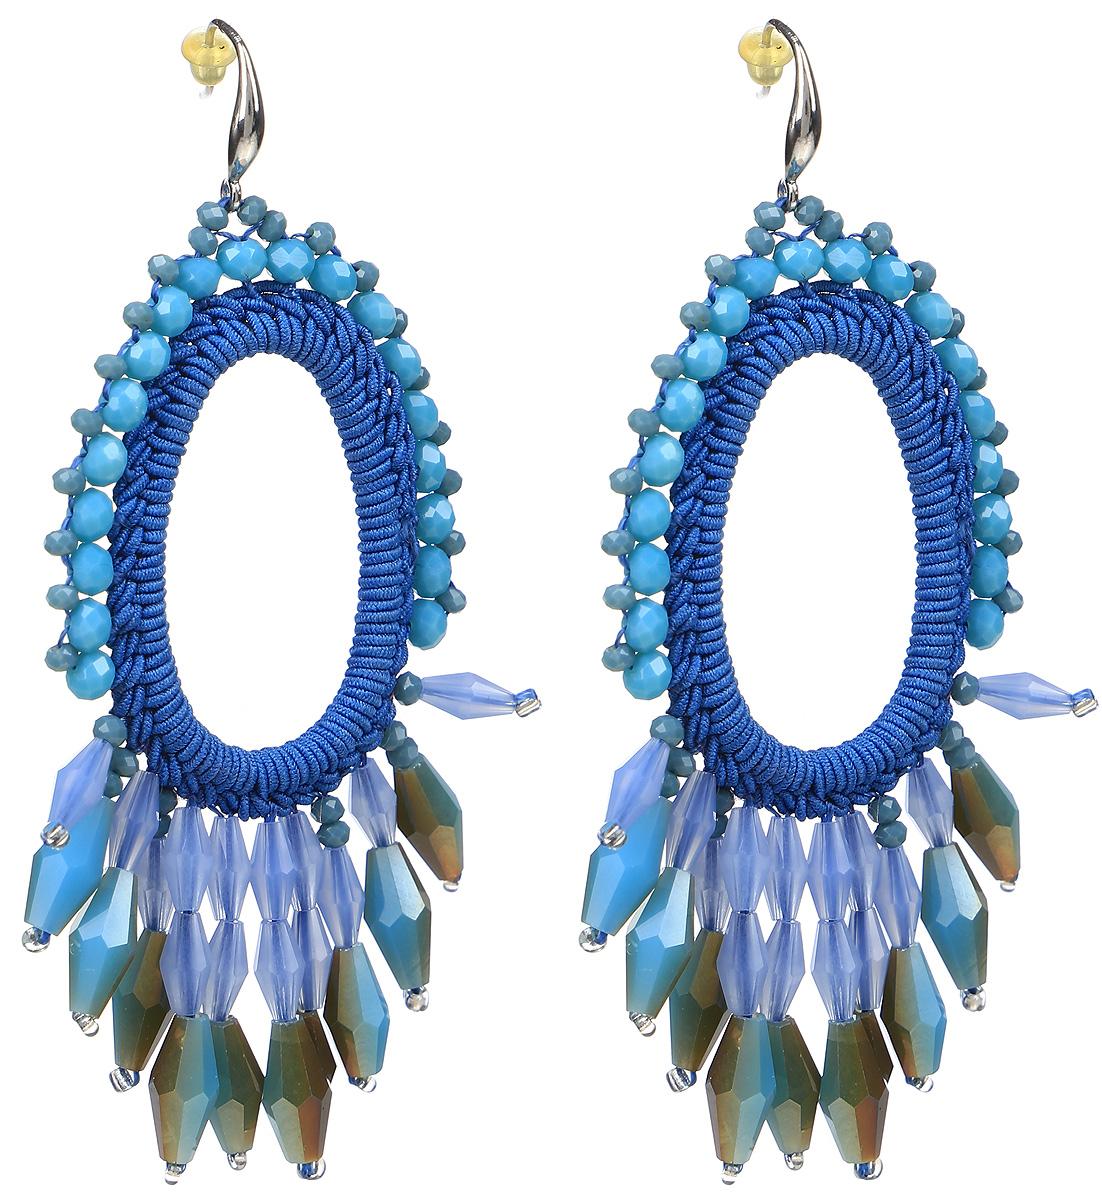 Серьги Taya, цвет: синий. T-B-9559-EARR-BLUE39859|Пуссеты (гвоздики)Серьги с замком-петлей и силиконовой заглушкой изготовлены из гипоаллергенного бижутерного сплава и текстиля. Серьги выполнены в форме овала с окантовкой из камней.